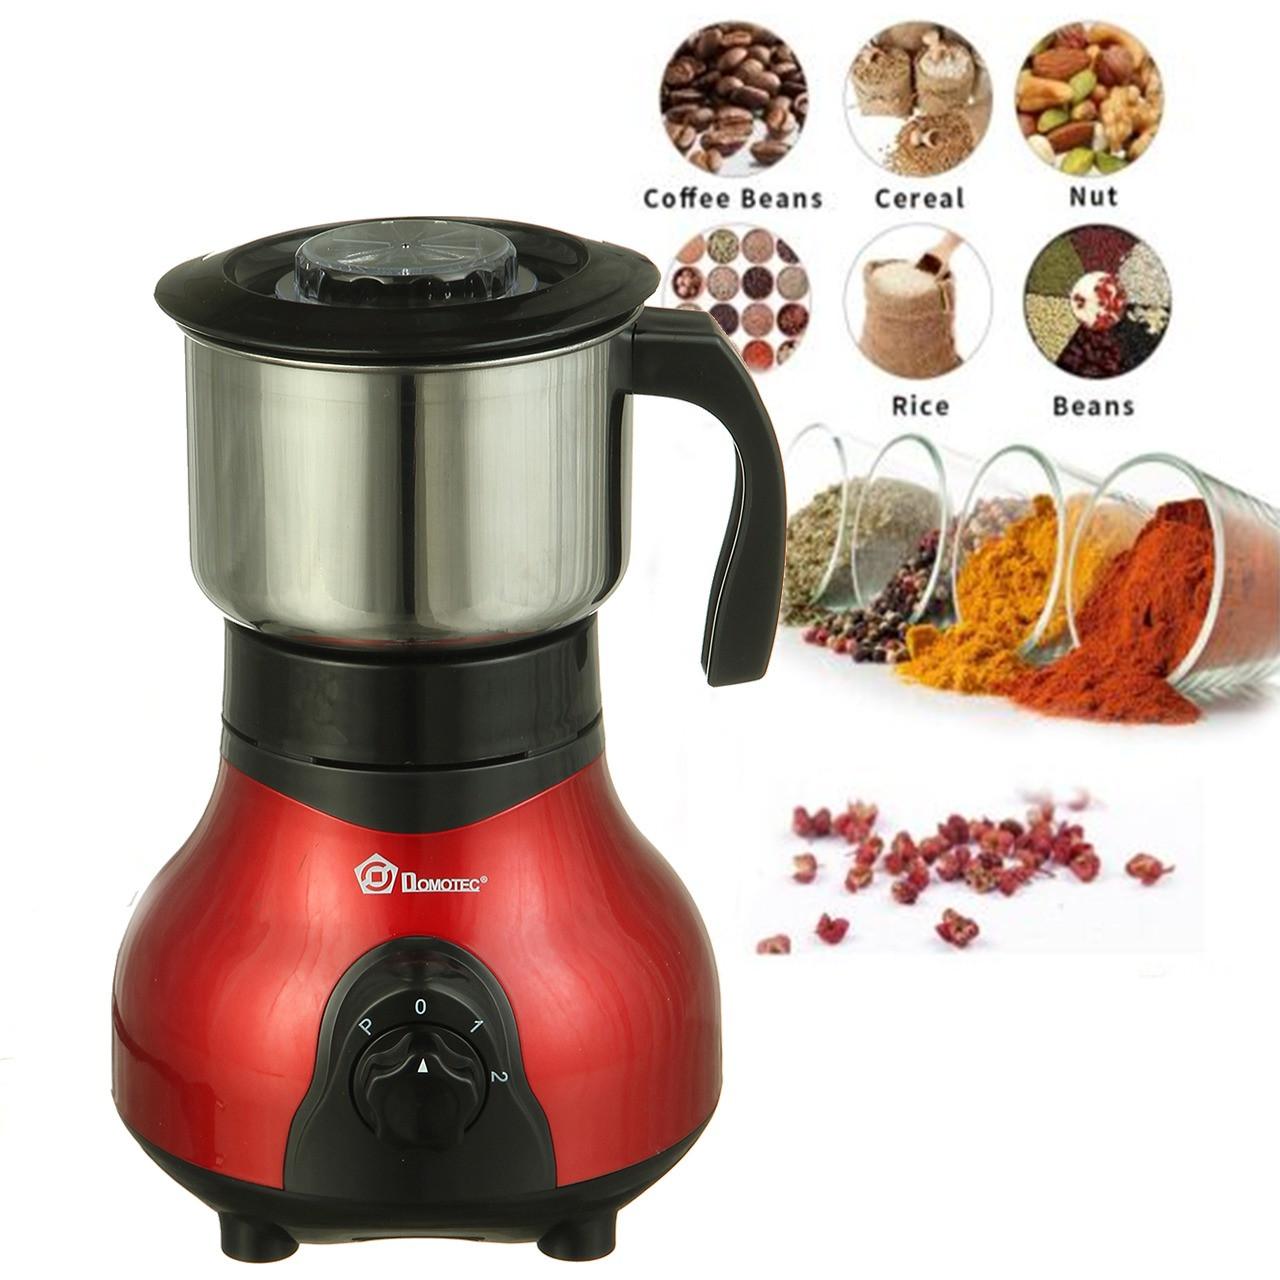 Електрична кавомолка Domotec 500 Вт